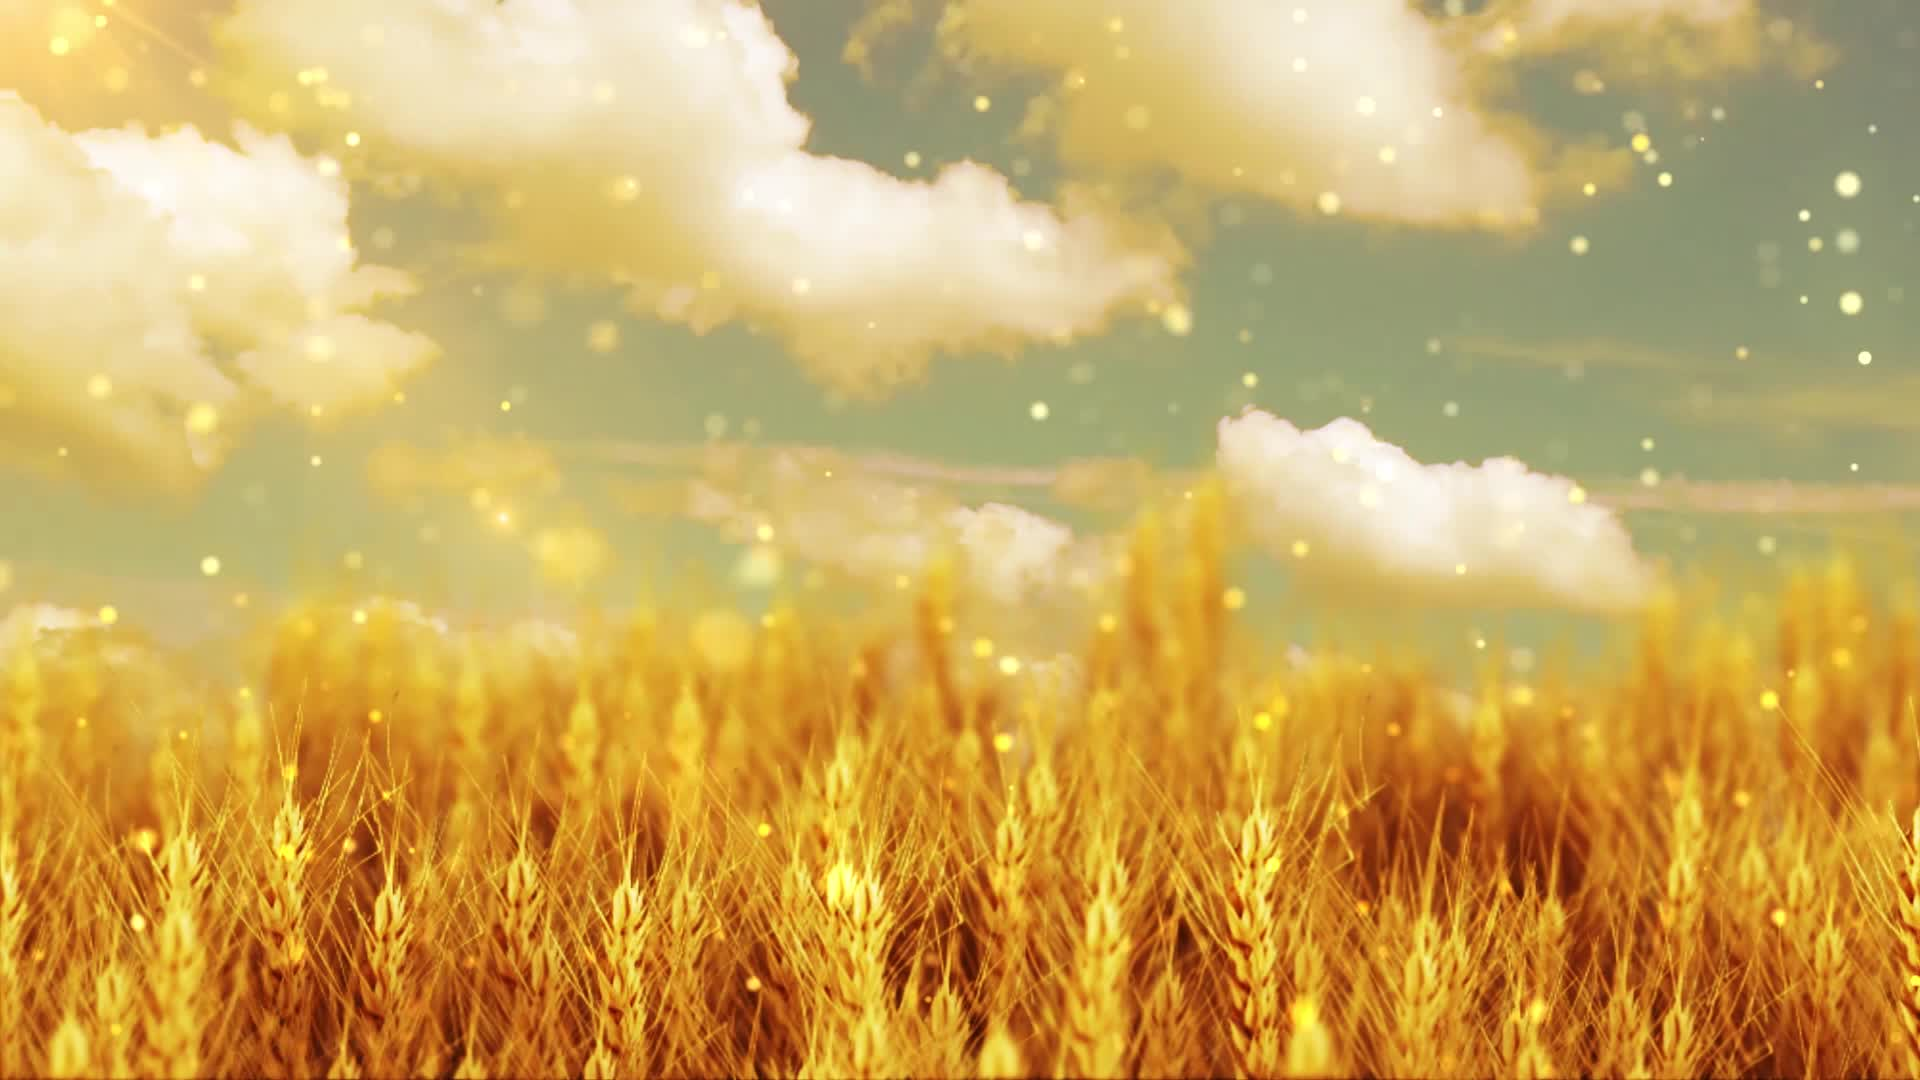 叶一茜风吹麦浪led视频背景素材